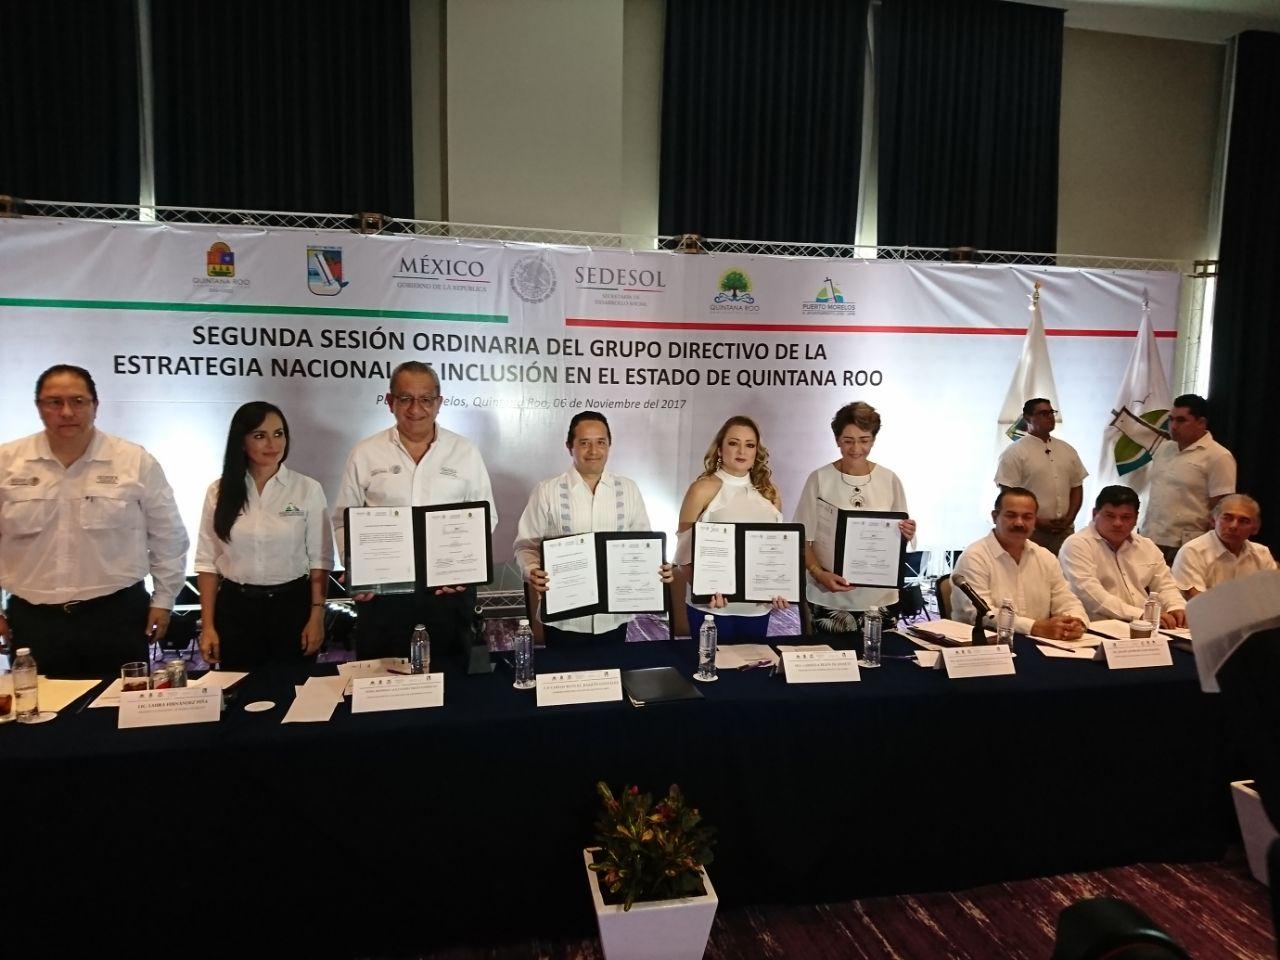 La Dra. Mercedes Juan López, Directora General del CONADIS, y Carlos Joaquín Gobernador de Quintana Roo firman un convenio.